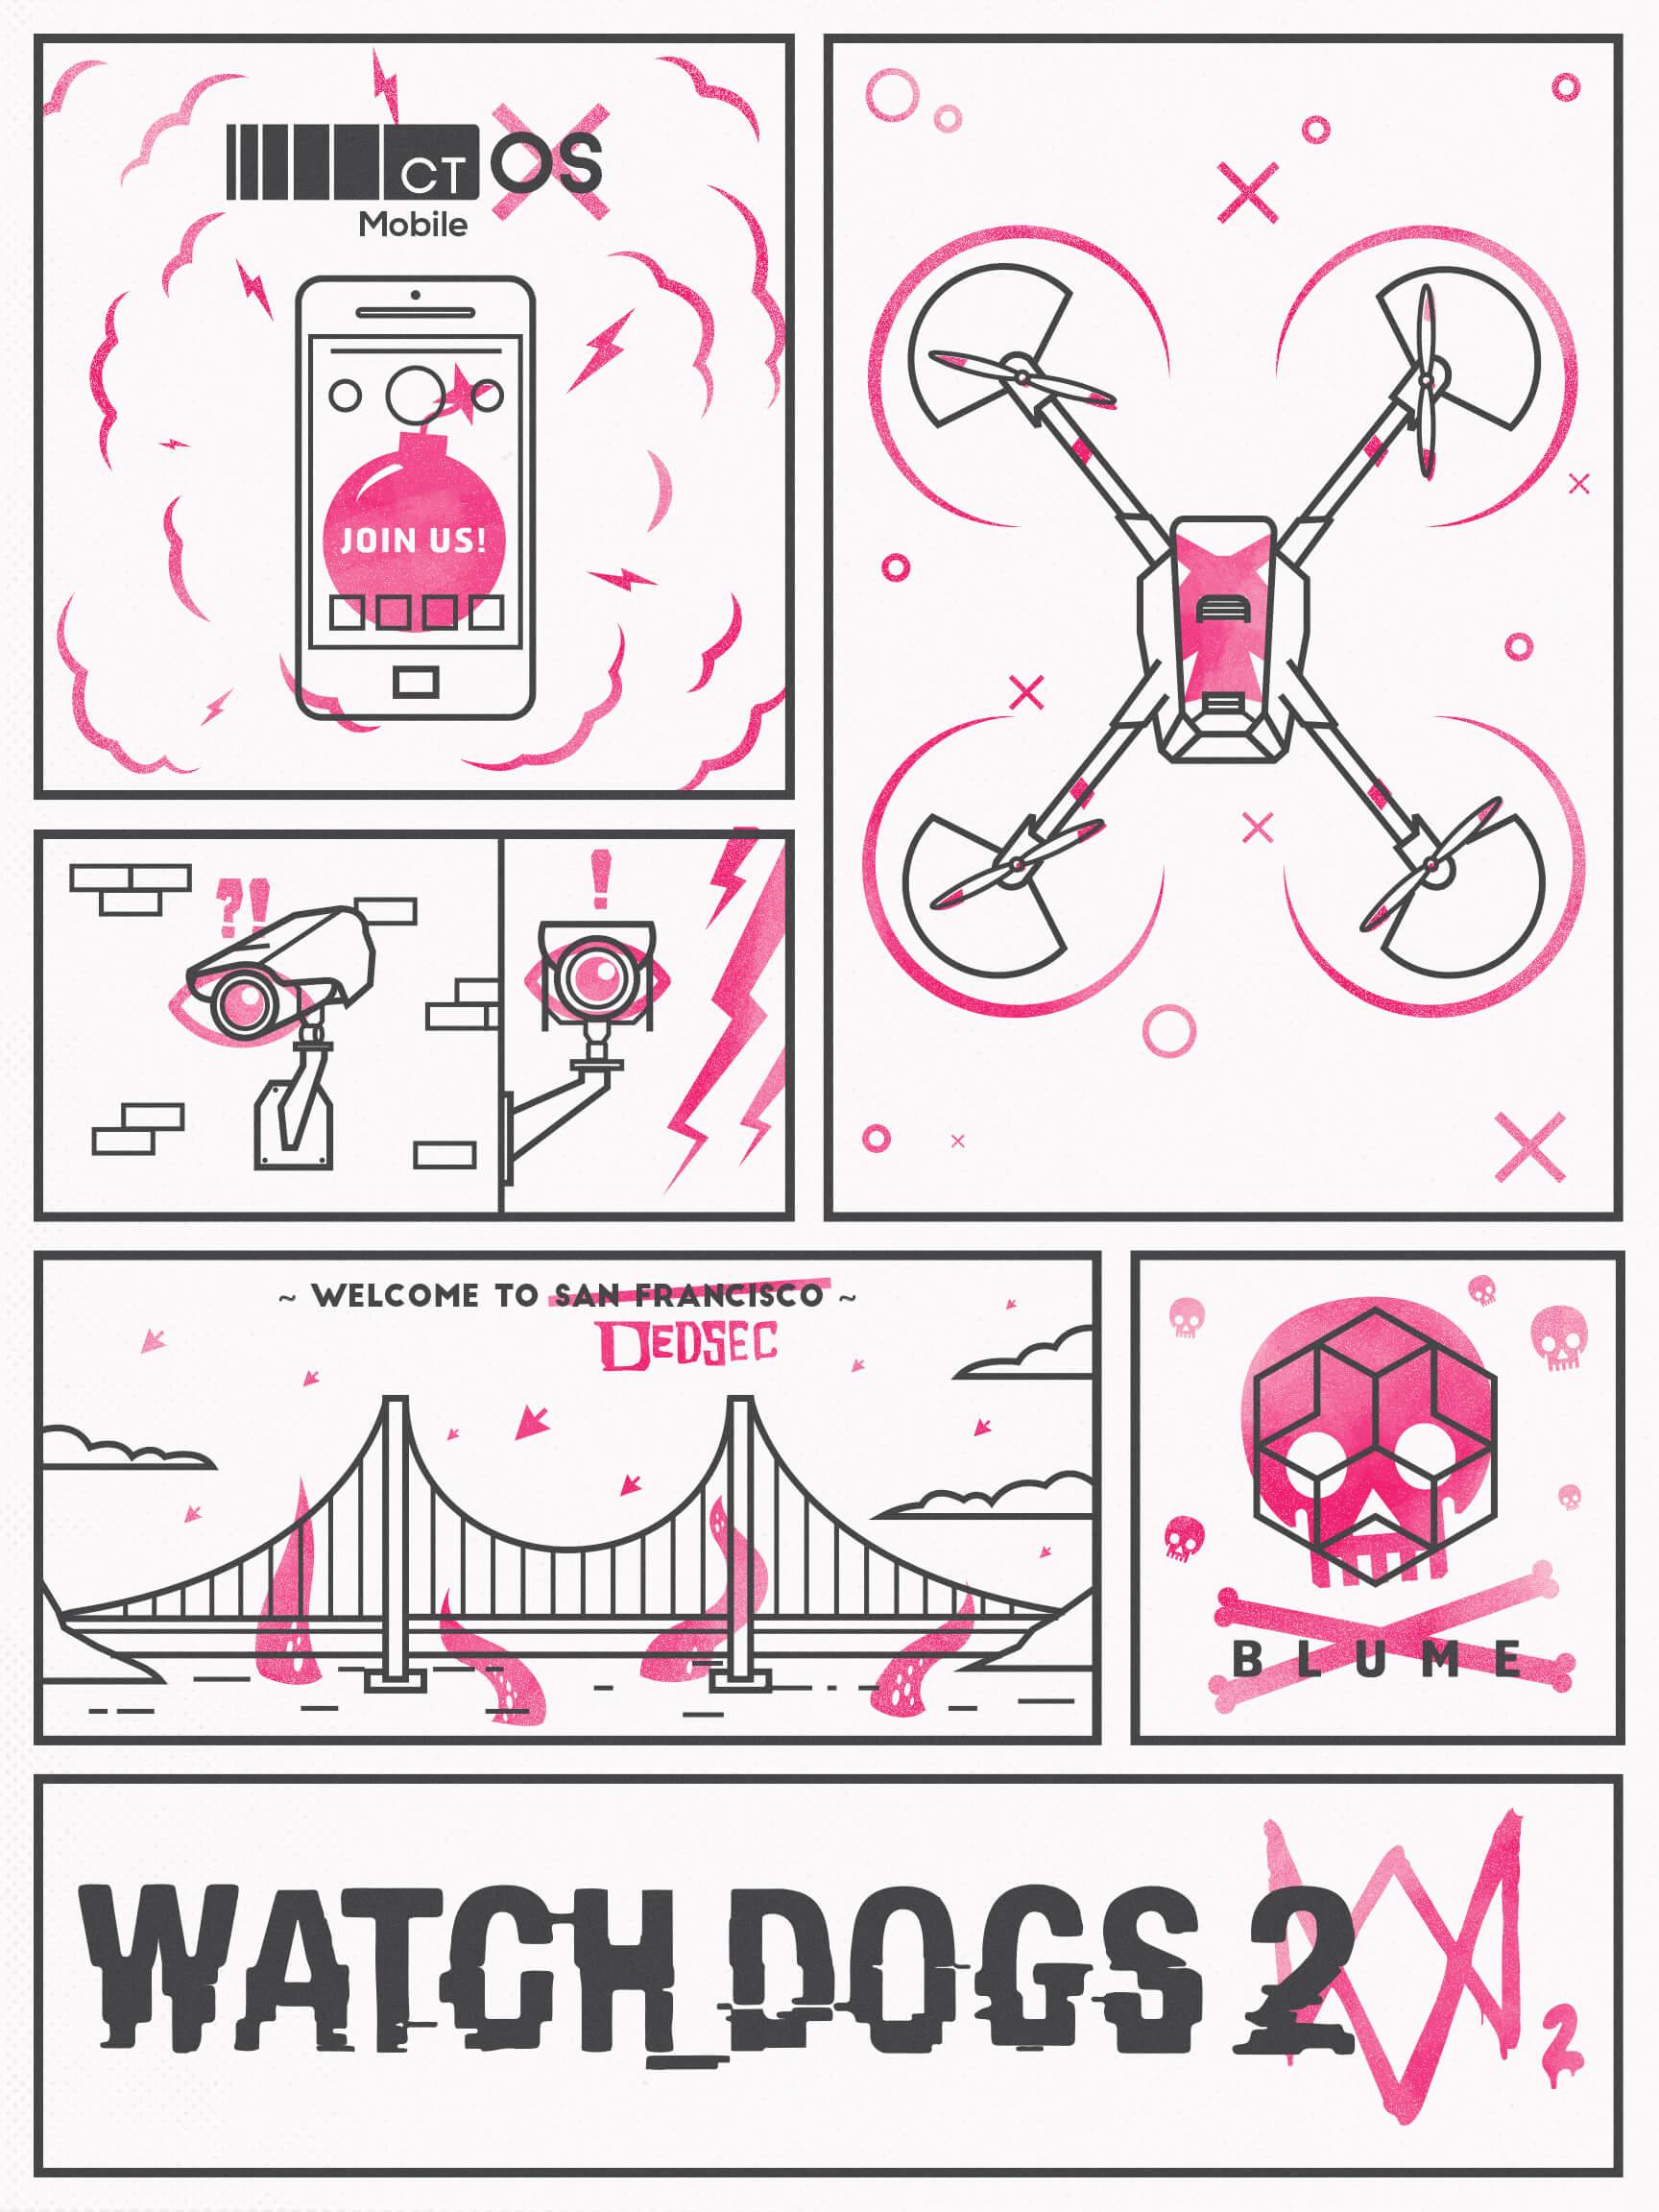 watchdogs2_poster_final_pink